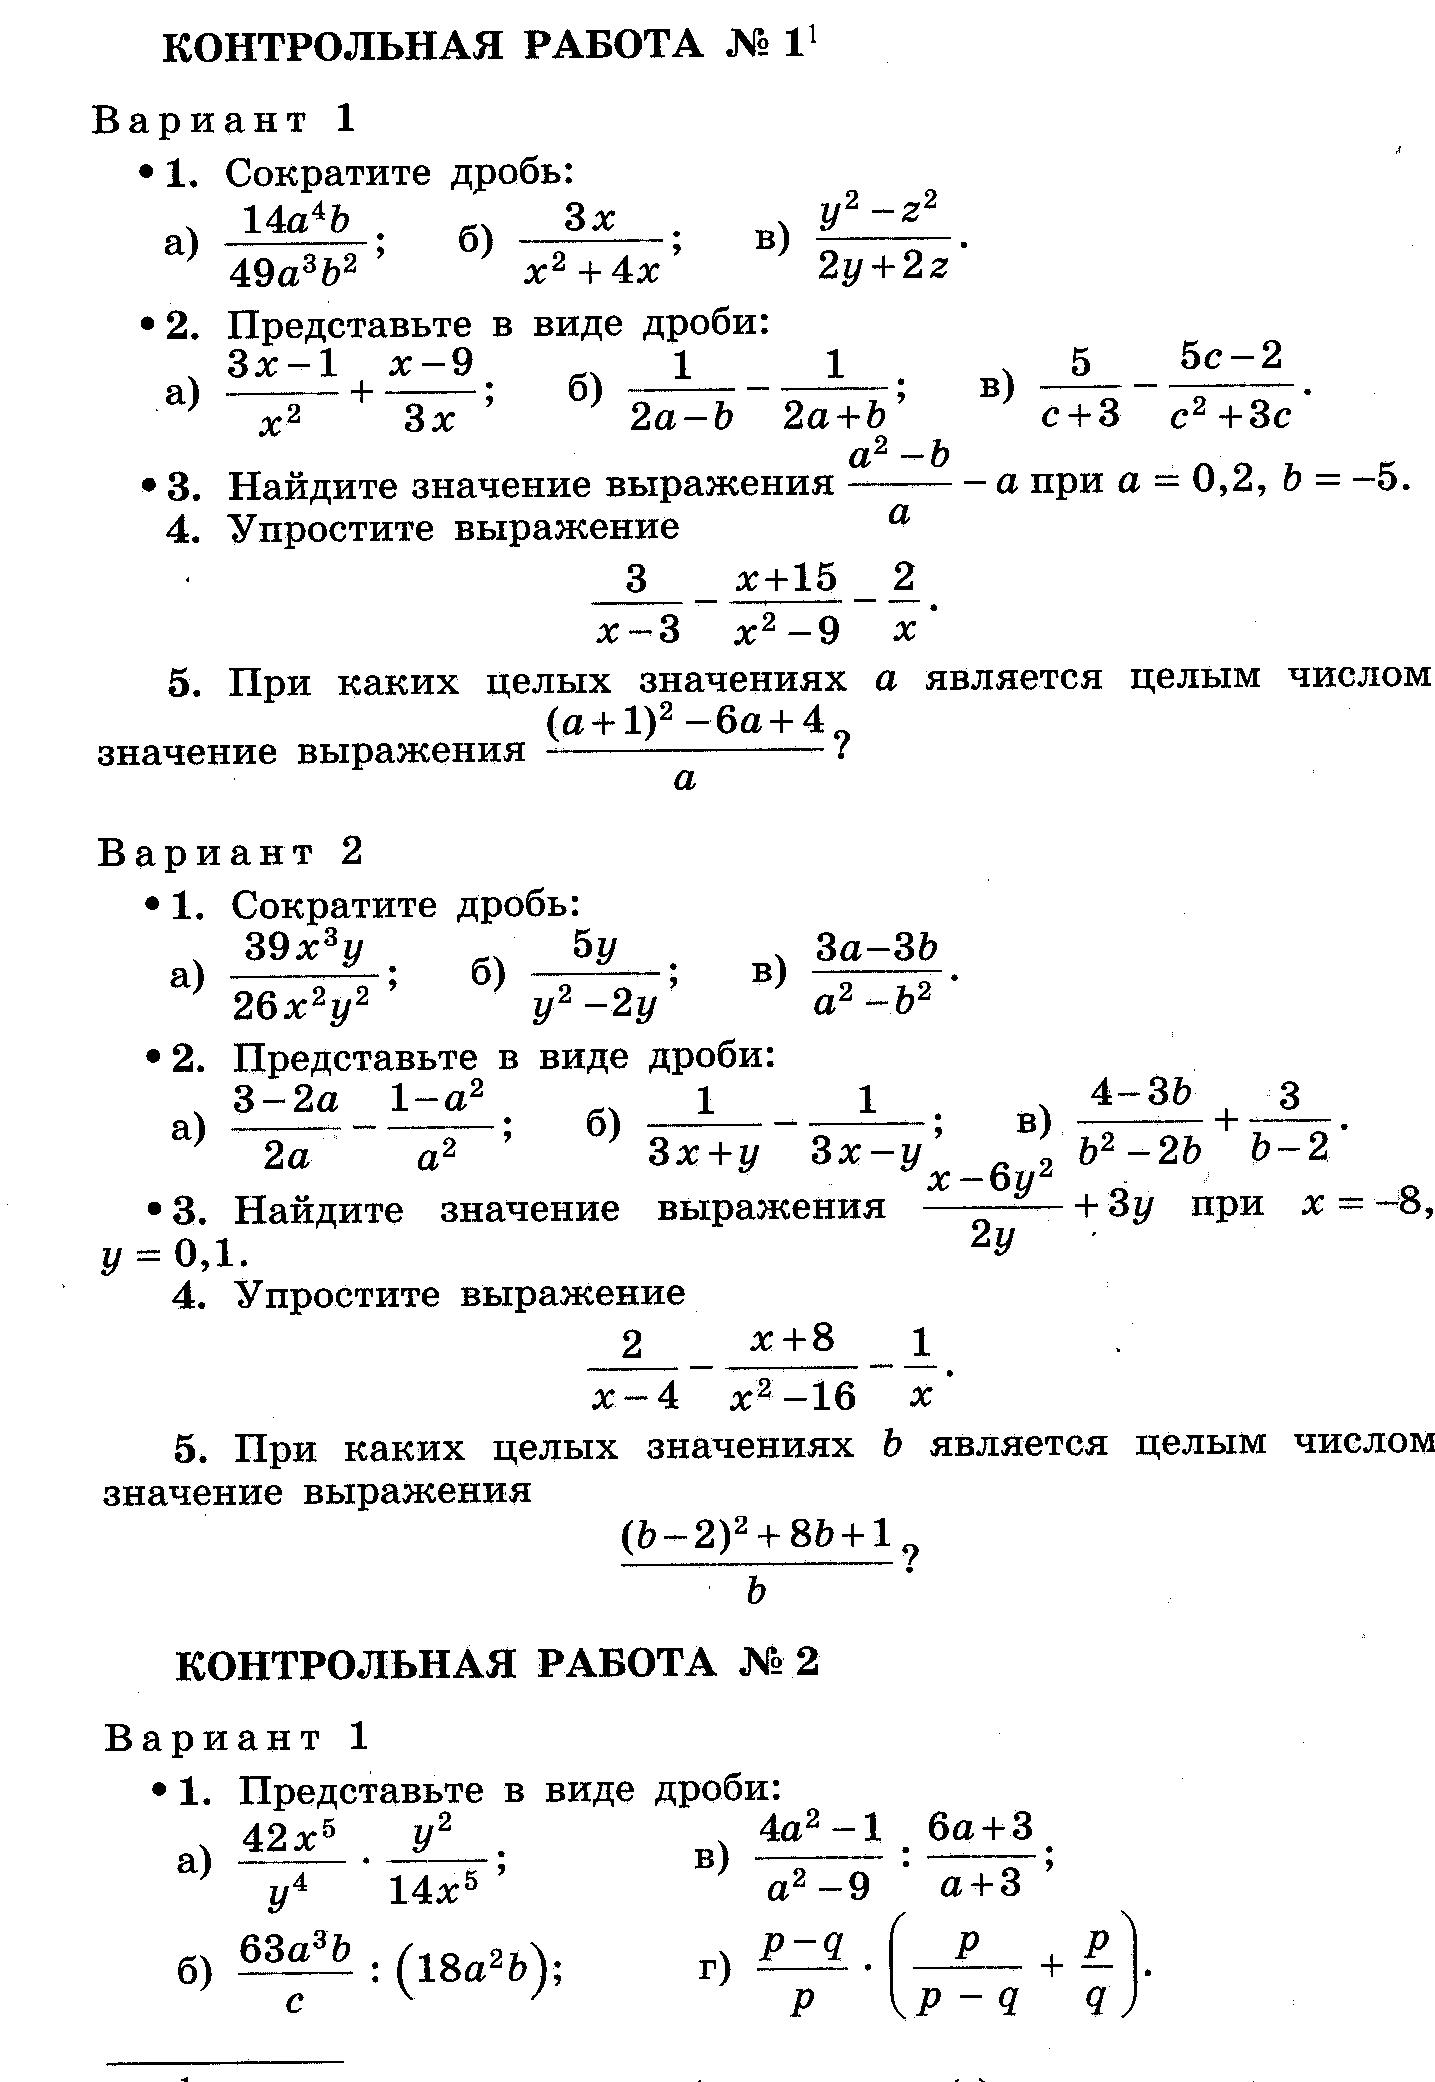 Готовые контрольные работы по алгебре 8 класс мордкович 4-е издание